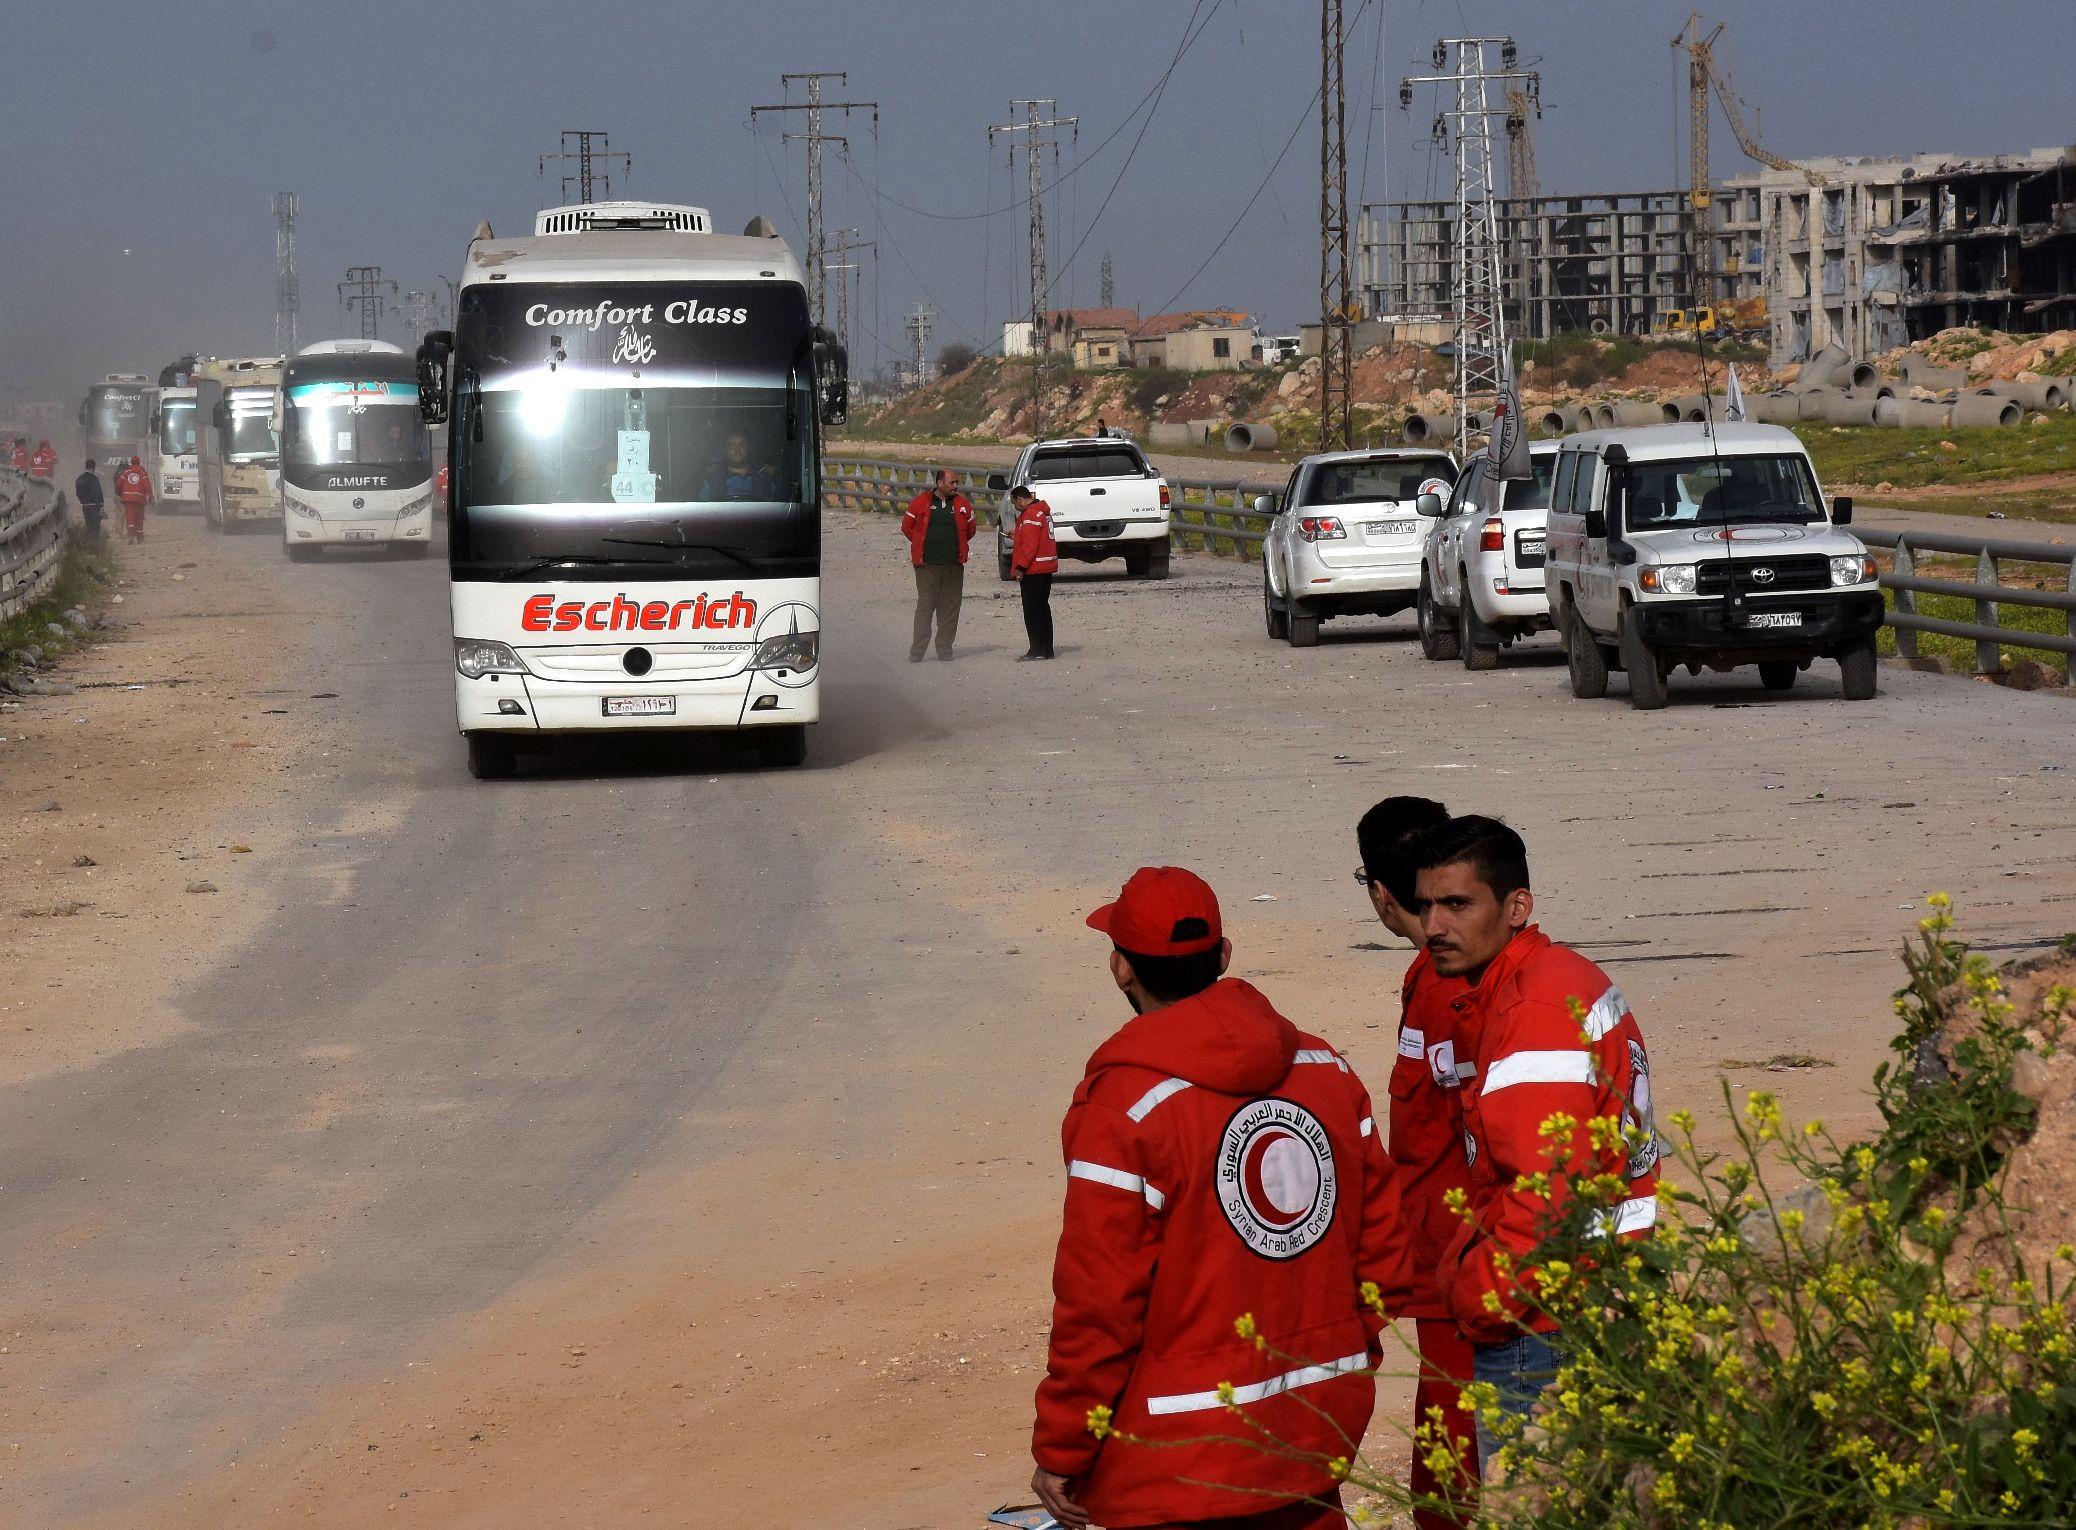 استئناف عمليات إجلاء سكان بلدات سورية محاصرة بعد توقف 48 ساعة